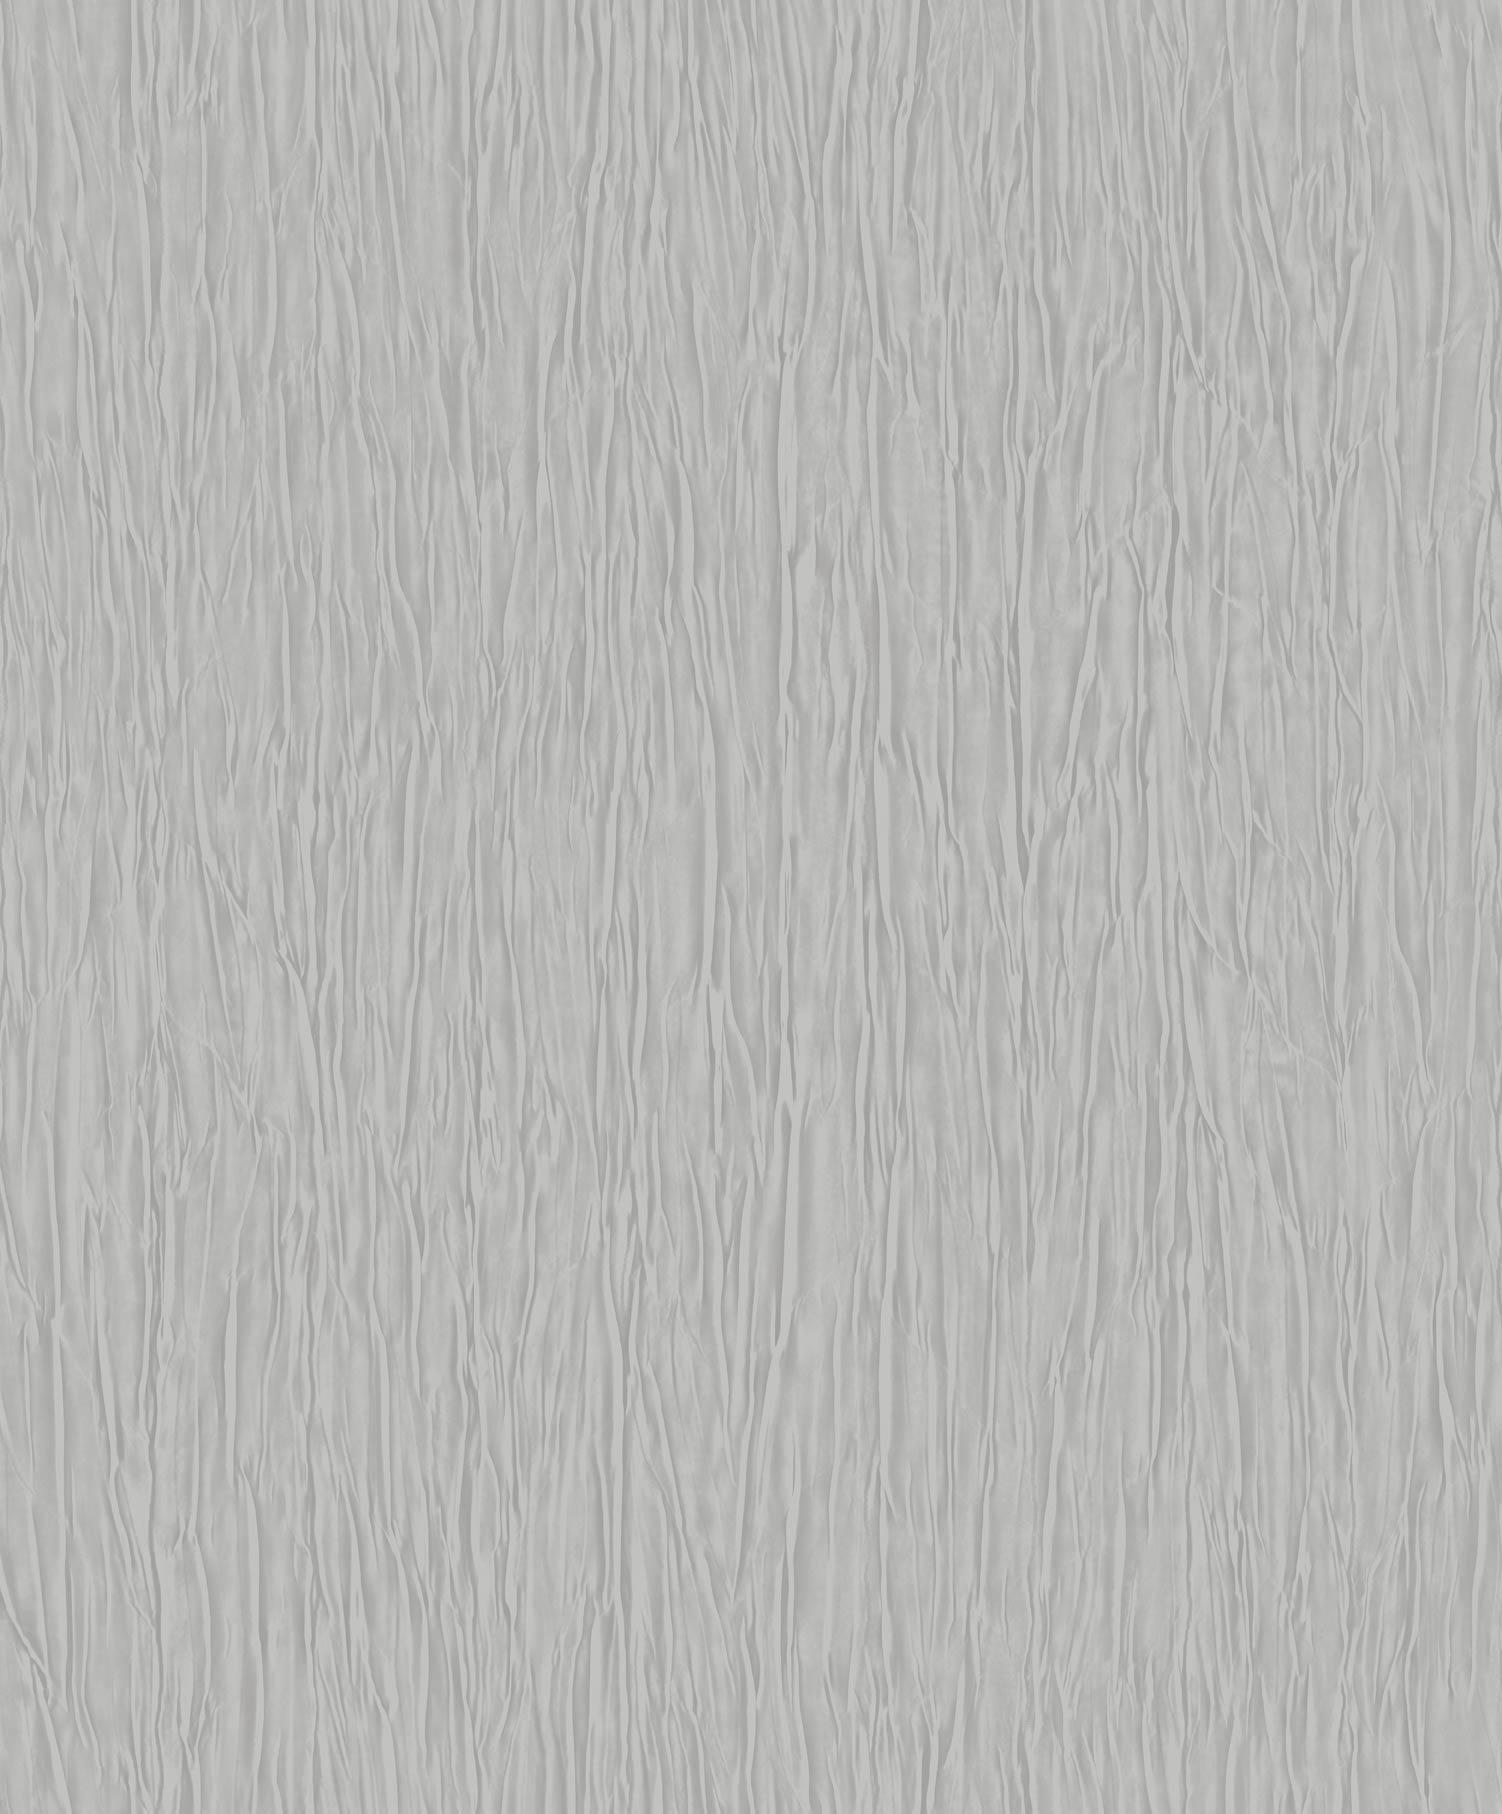 Обои Ugepa Couleurs j94119 (Угепа)